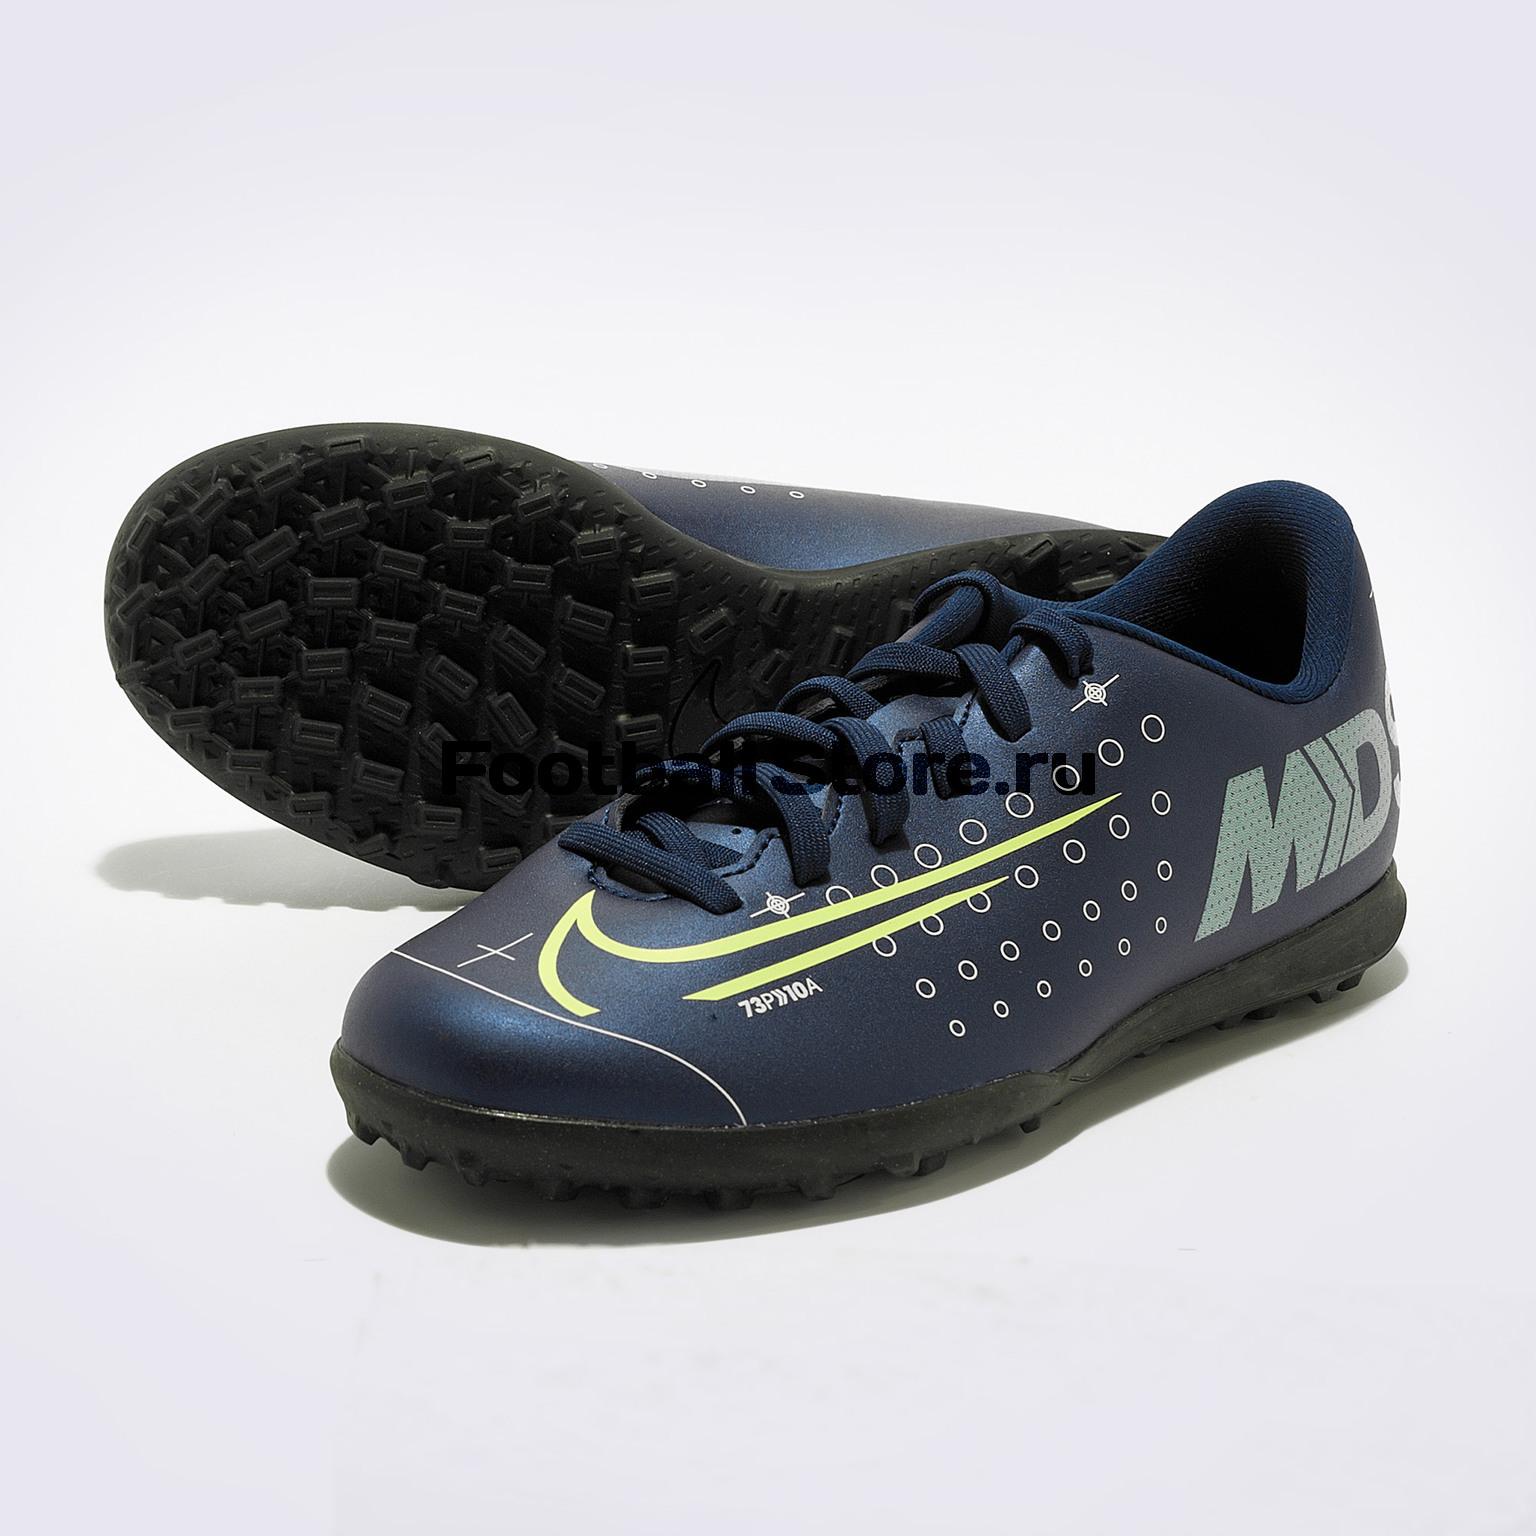 цены на Шиповки детские Nike Vapor 13 Club MDS TF CJ1179-401  в интернет-магазинах